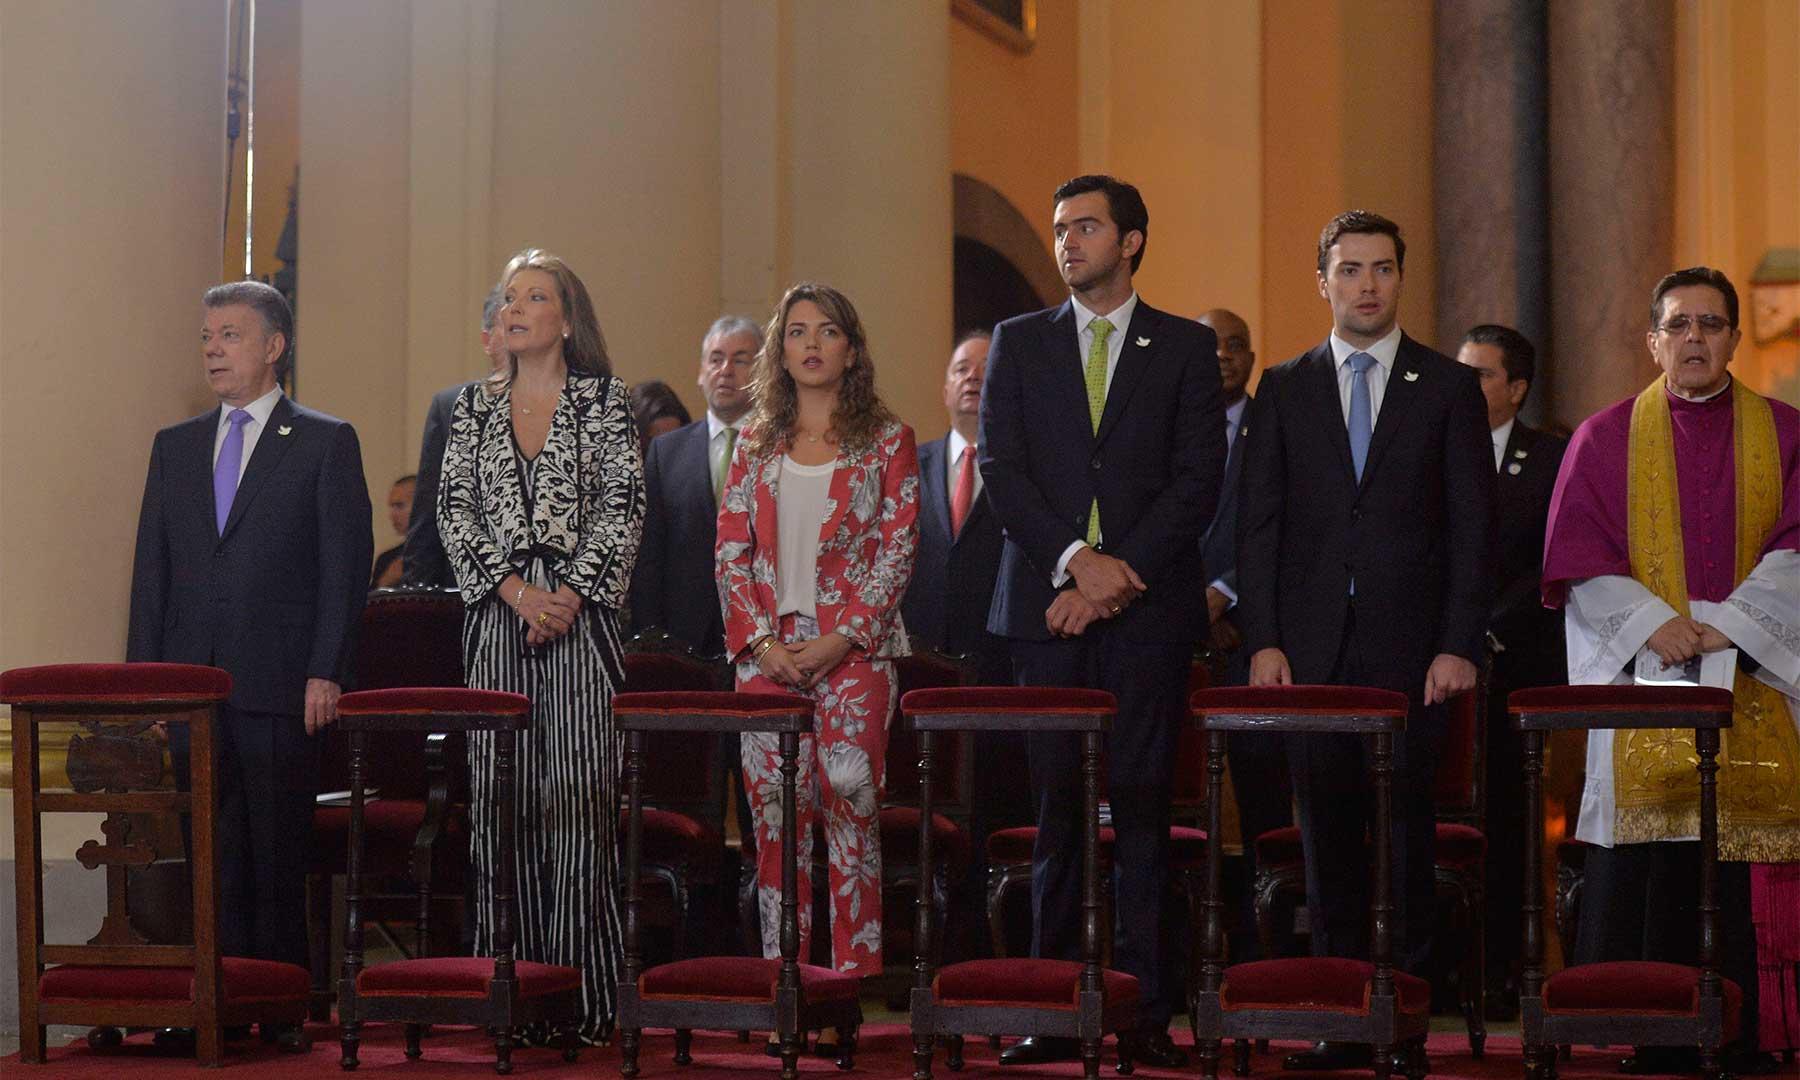 El Presidente Santos y la familia presidencial durante el Te Deum en la Catedral Primada de Bogotá, cántico de alabanza y acción de gracias a Dios con que se inició este miércoles la celebración del Día de la Independencia Nacional.